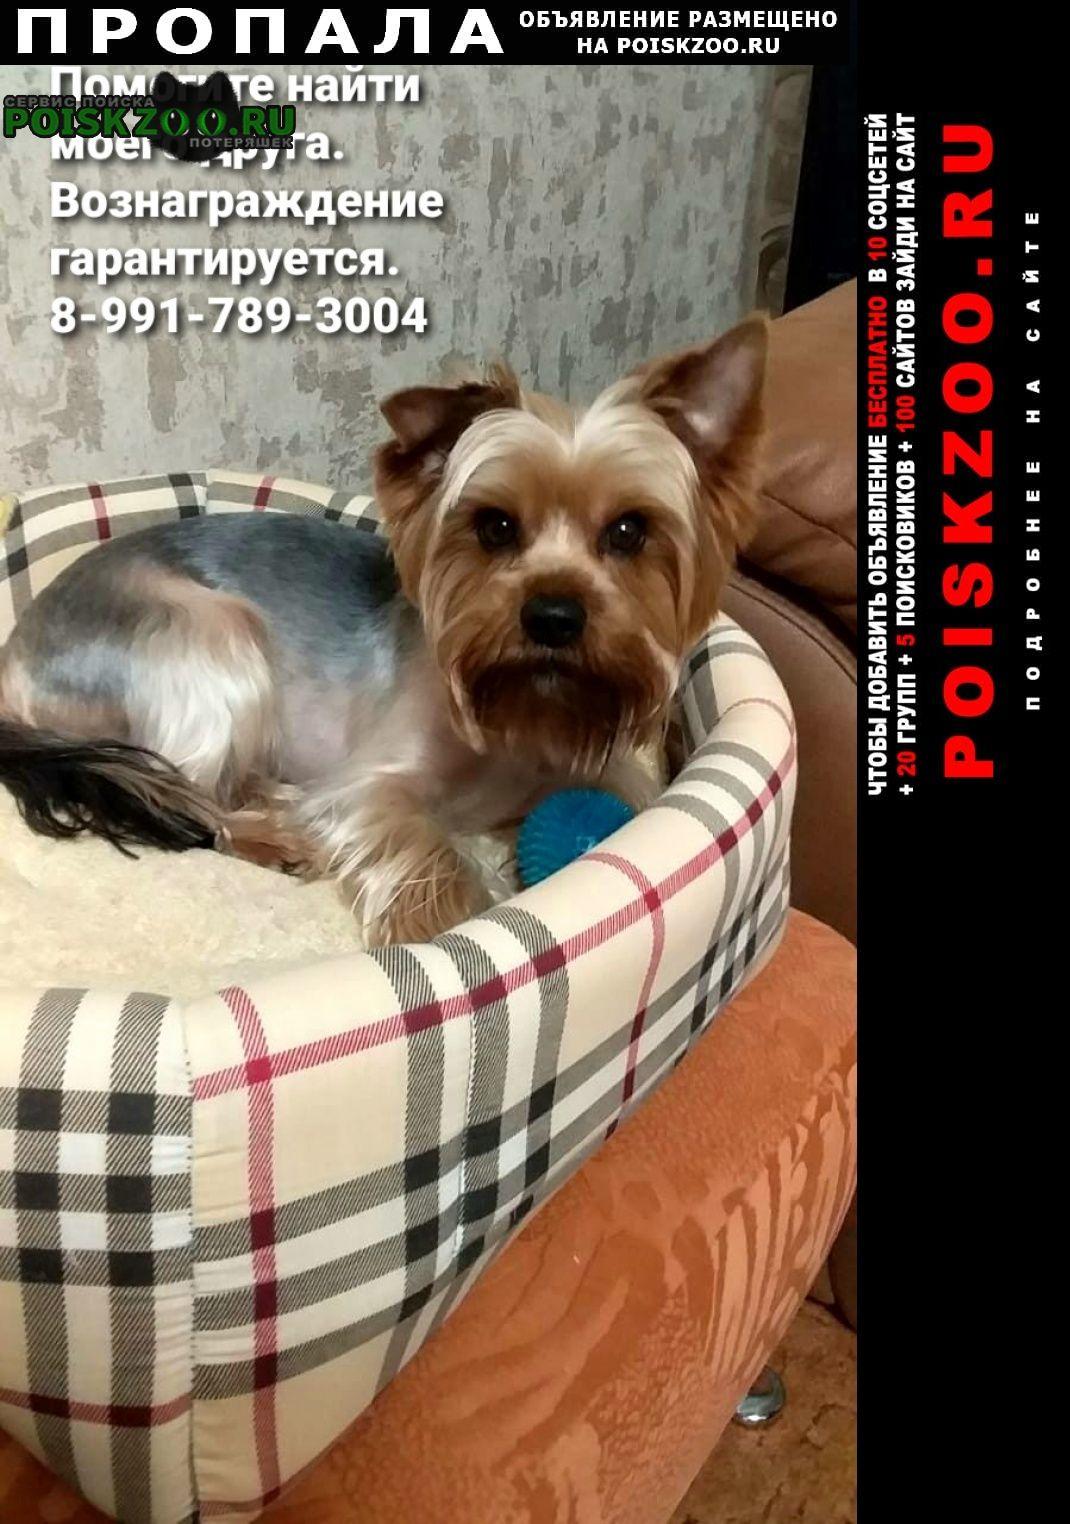 Пропала собака кобель вознаграждение гарантируем Кинешма